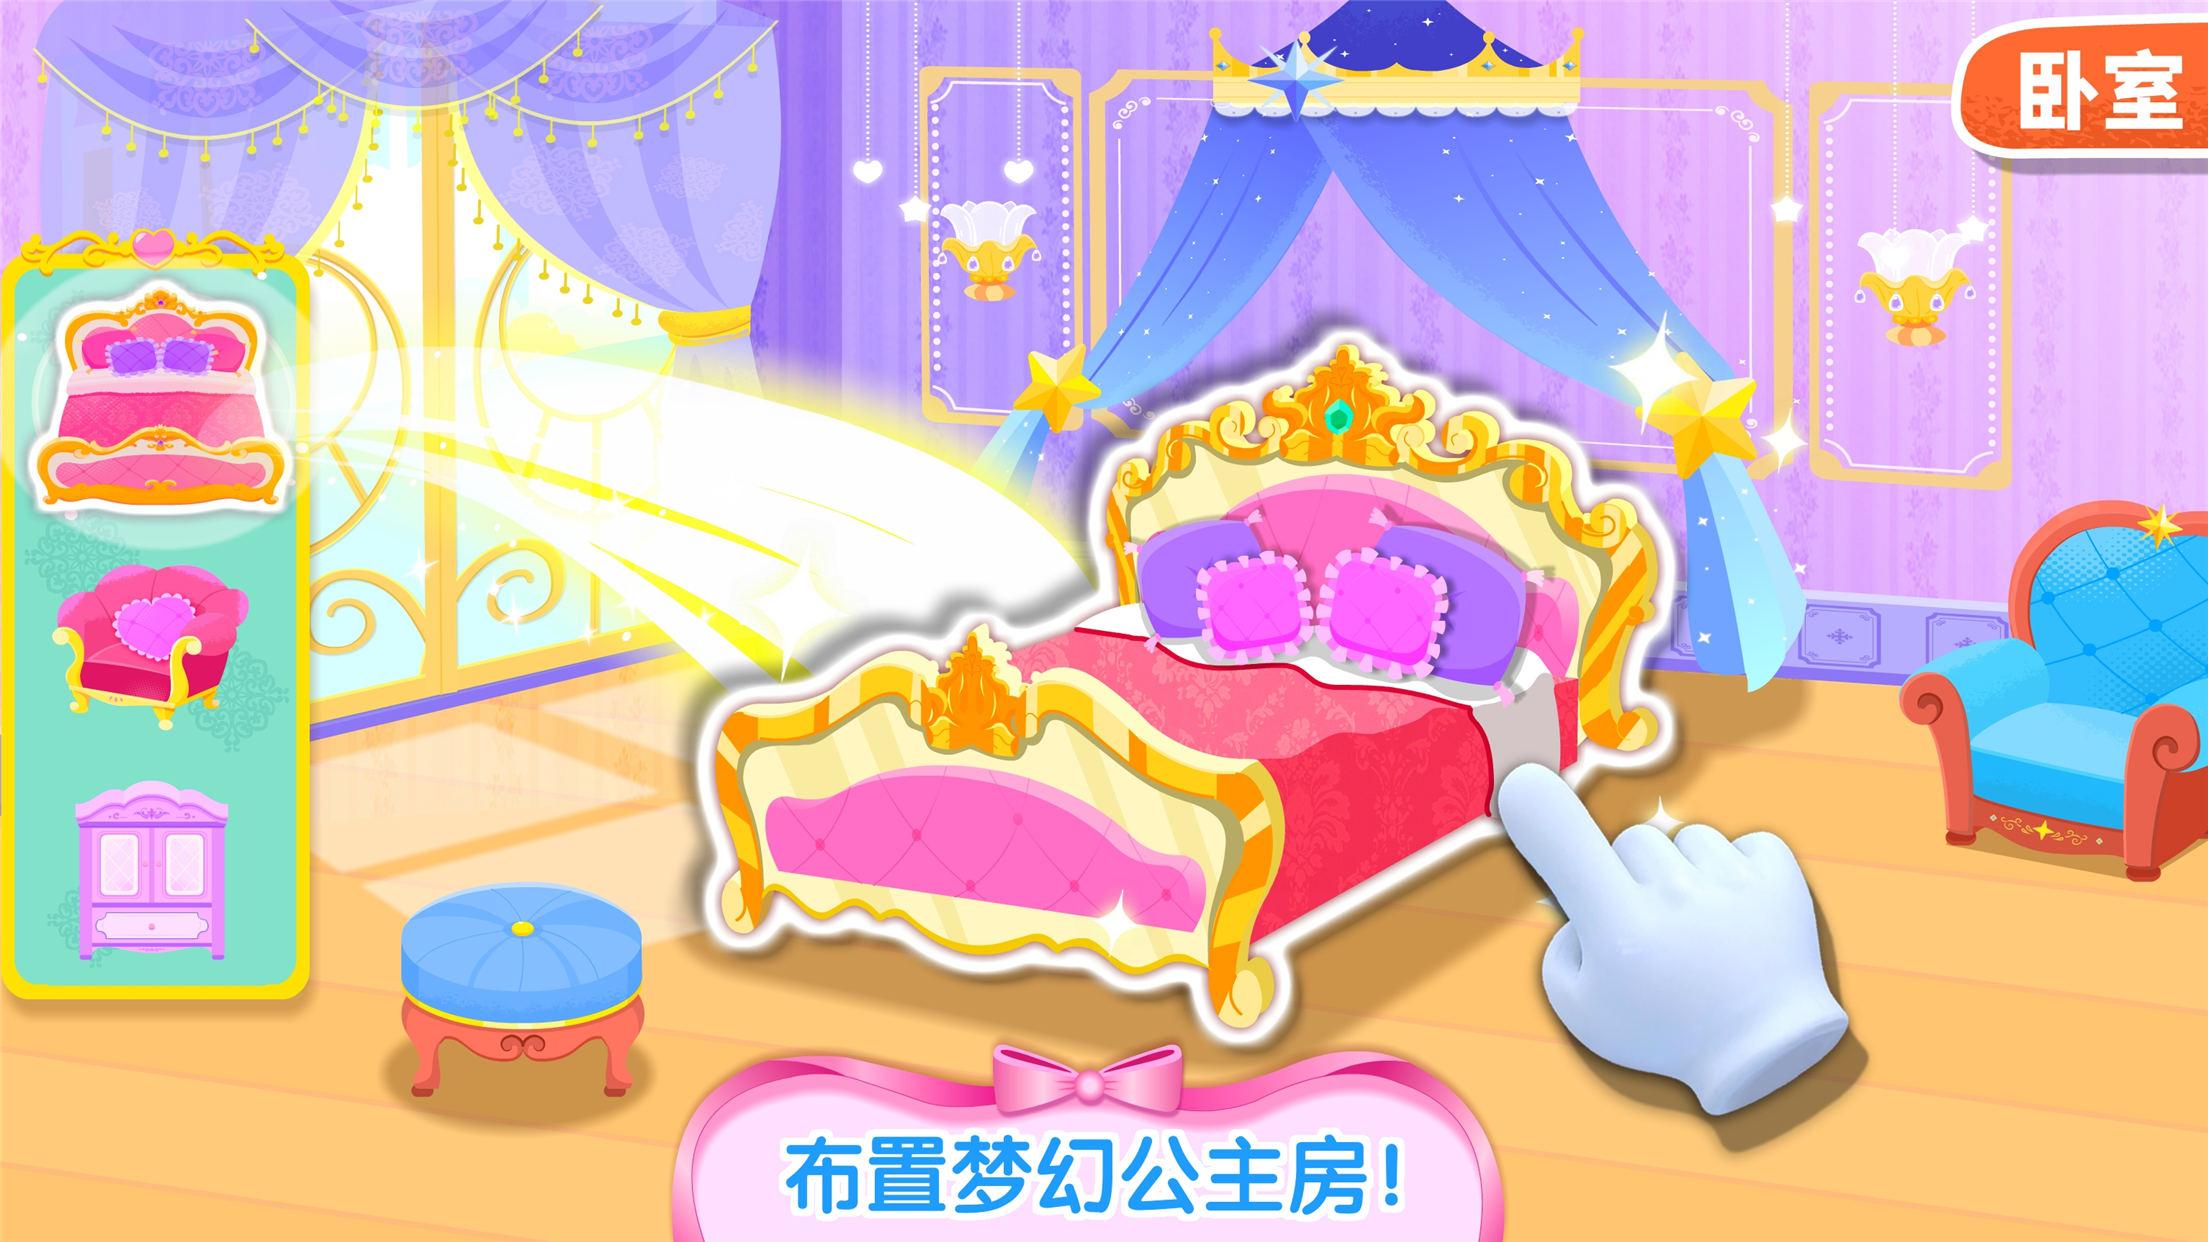 奇妙梦幻城堡游戏 V9.46.00.00 安卓版截图4